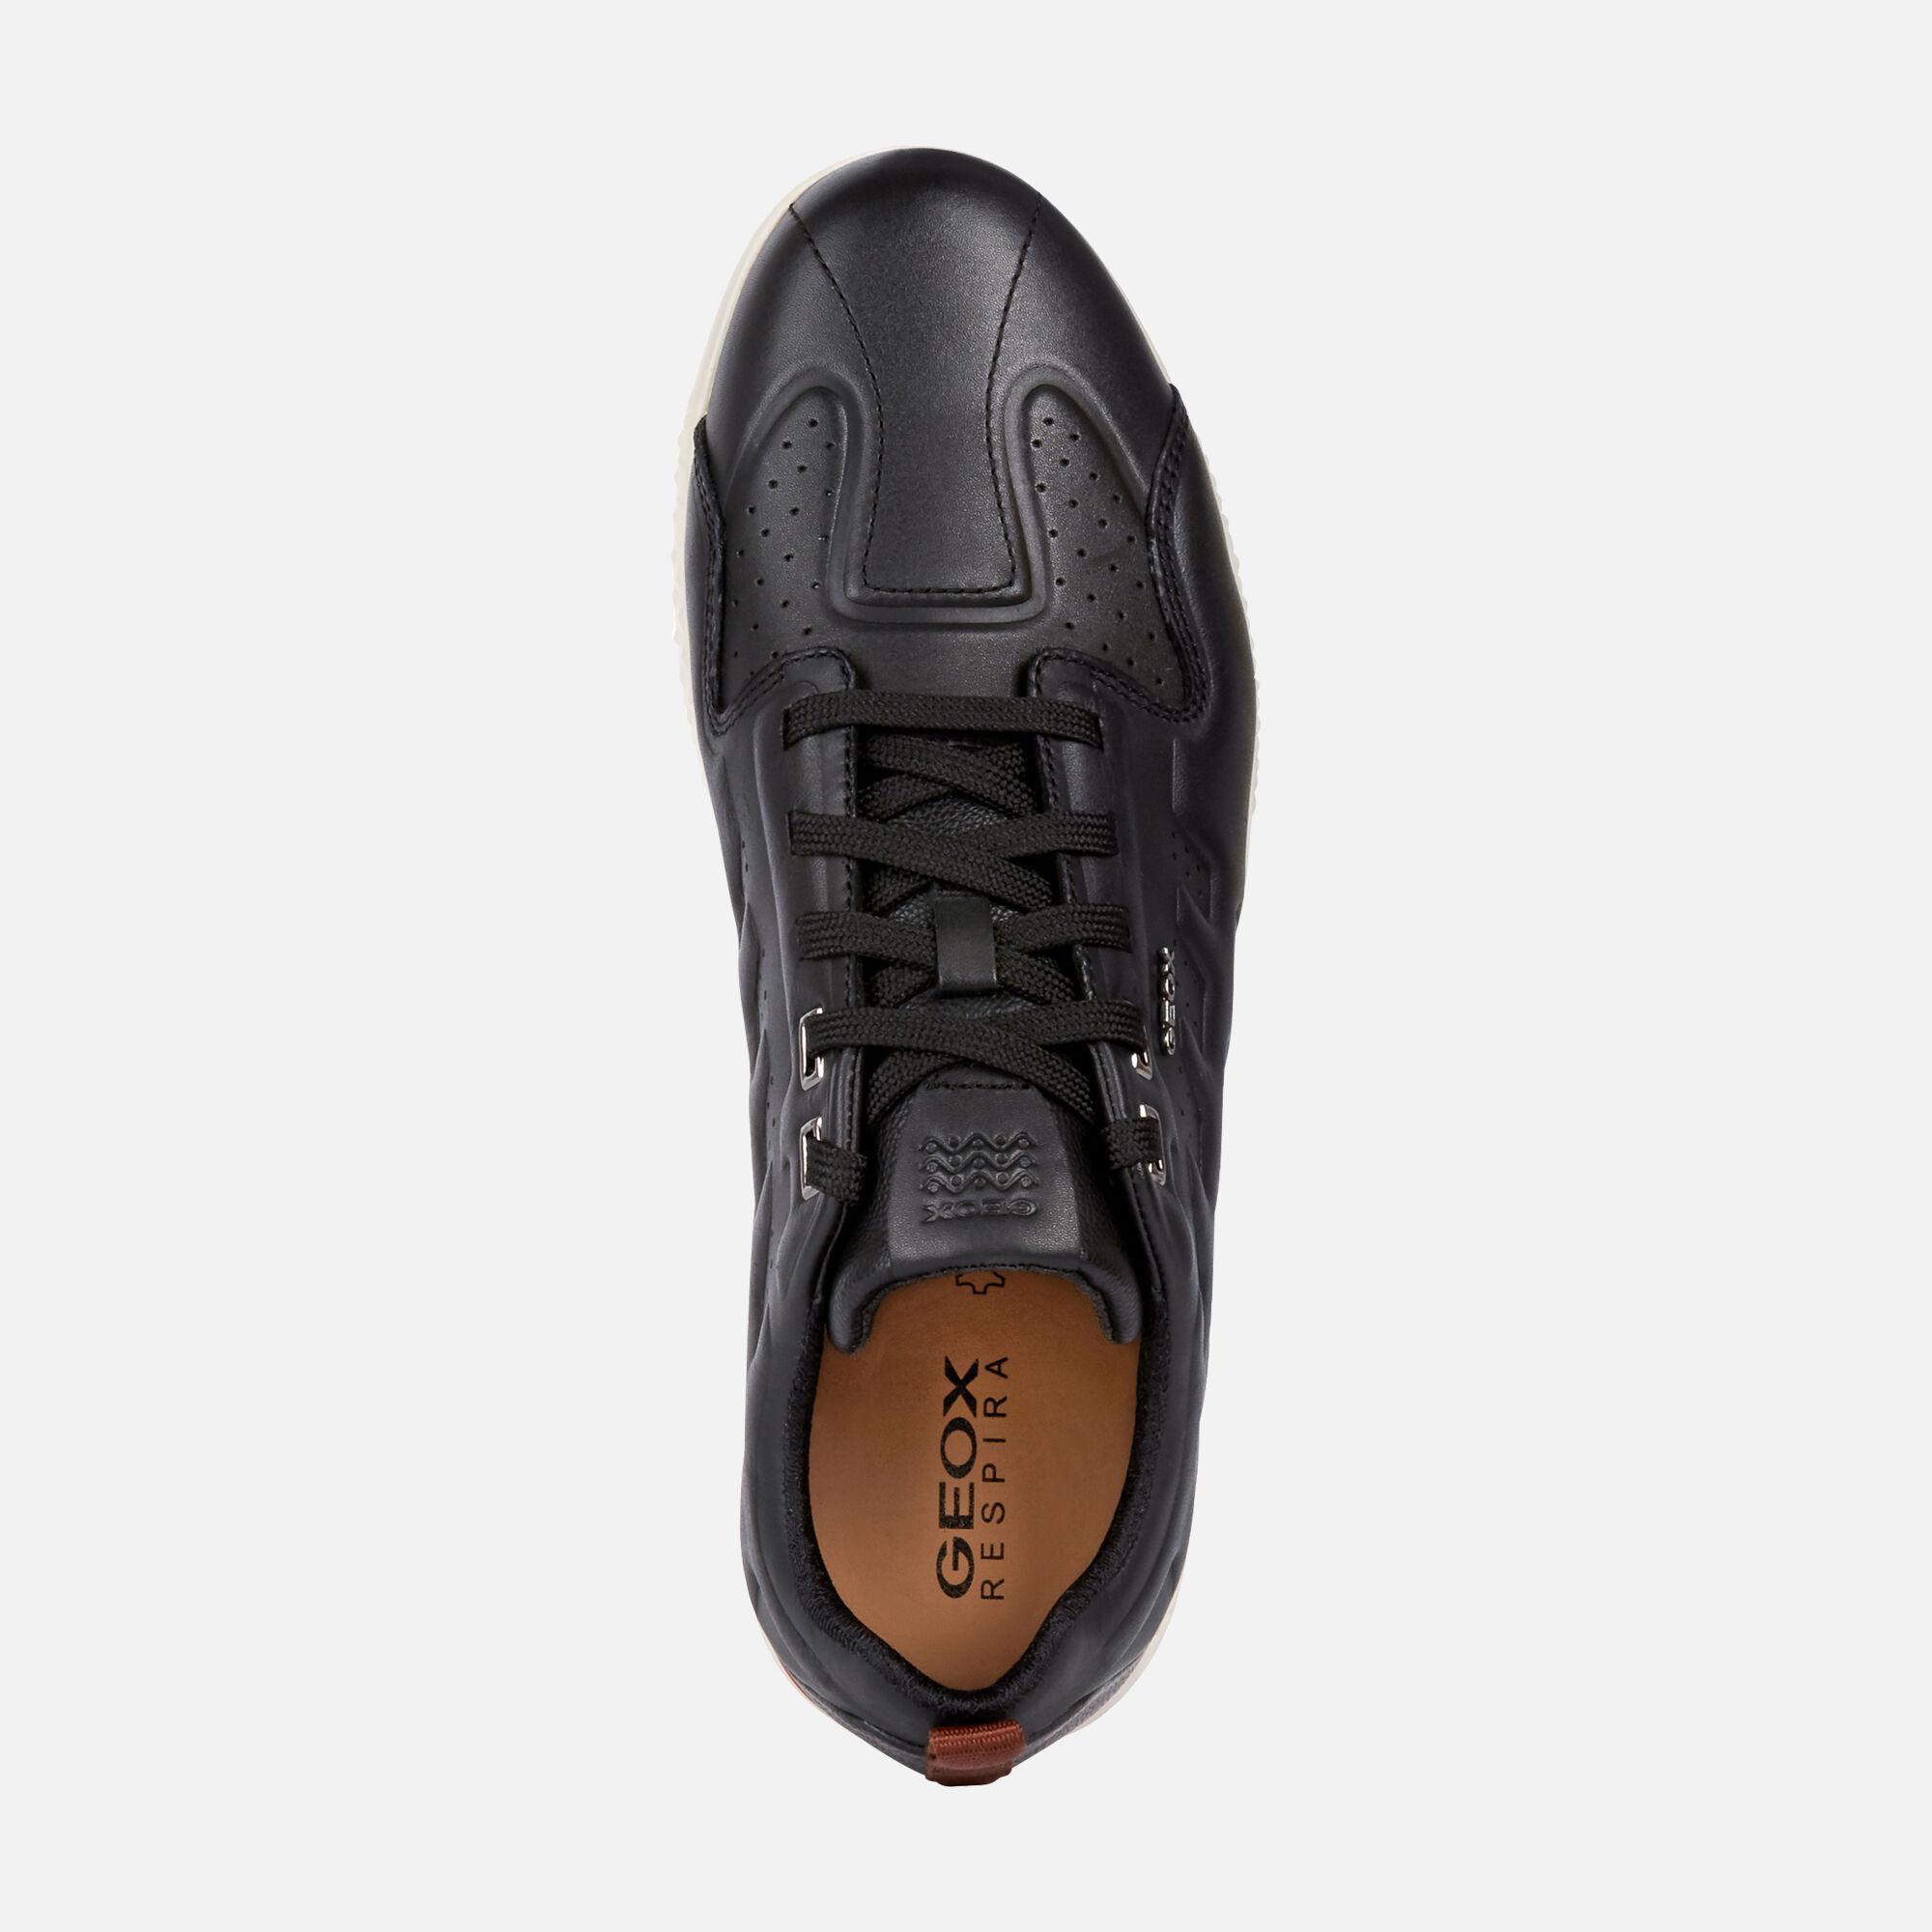 Geox SNAKE.2 Man: Black Sneakers | Geox